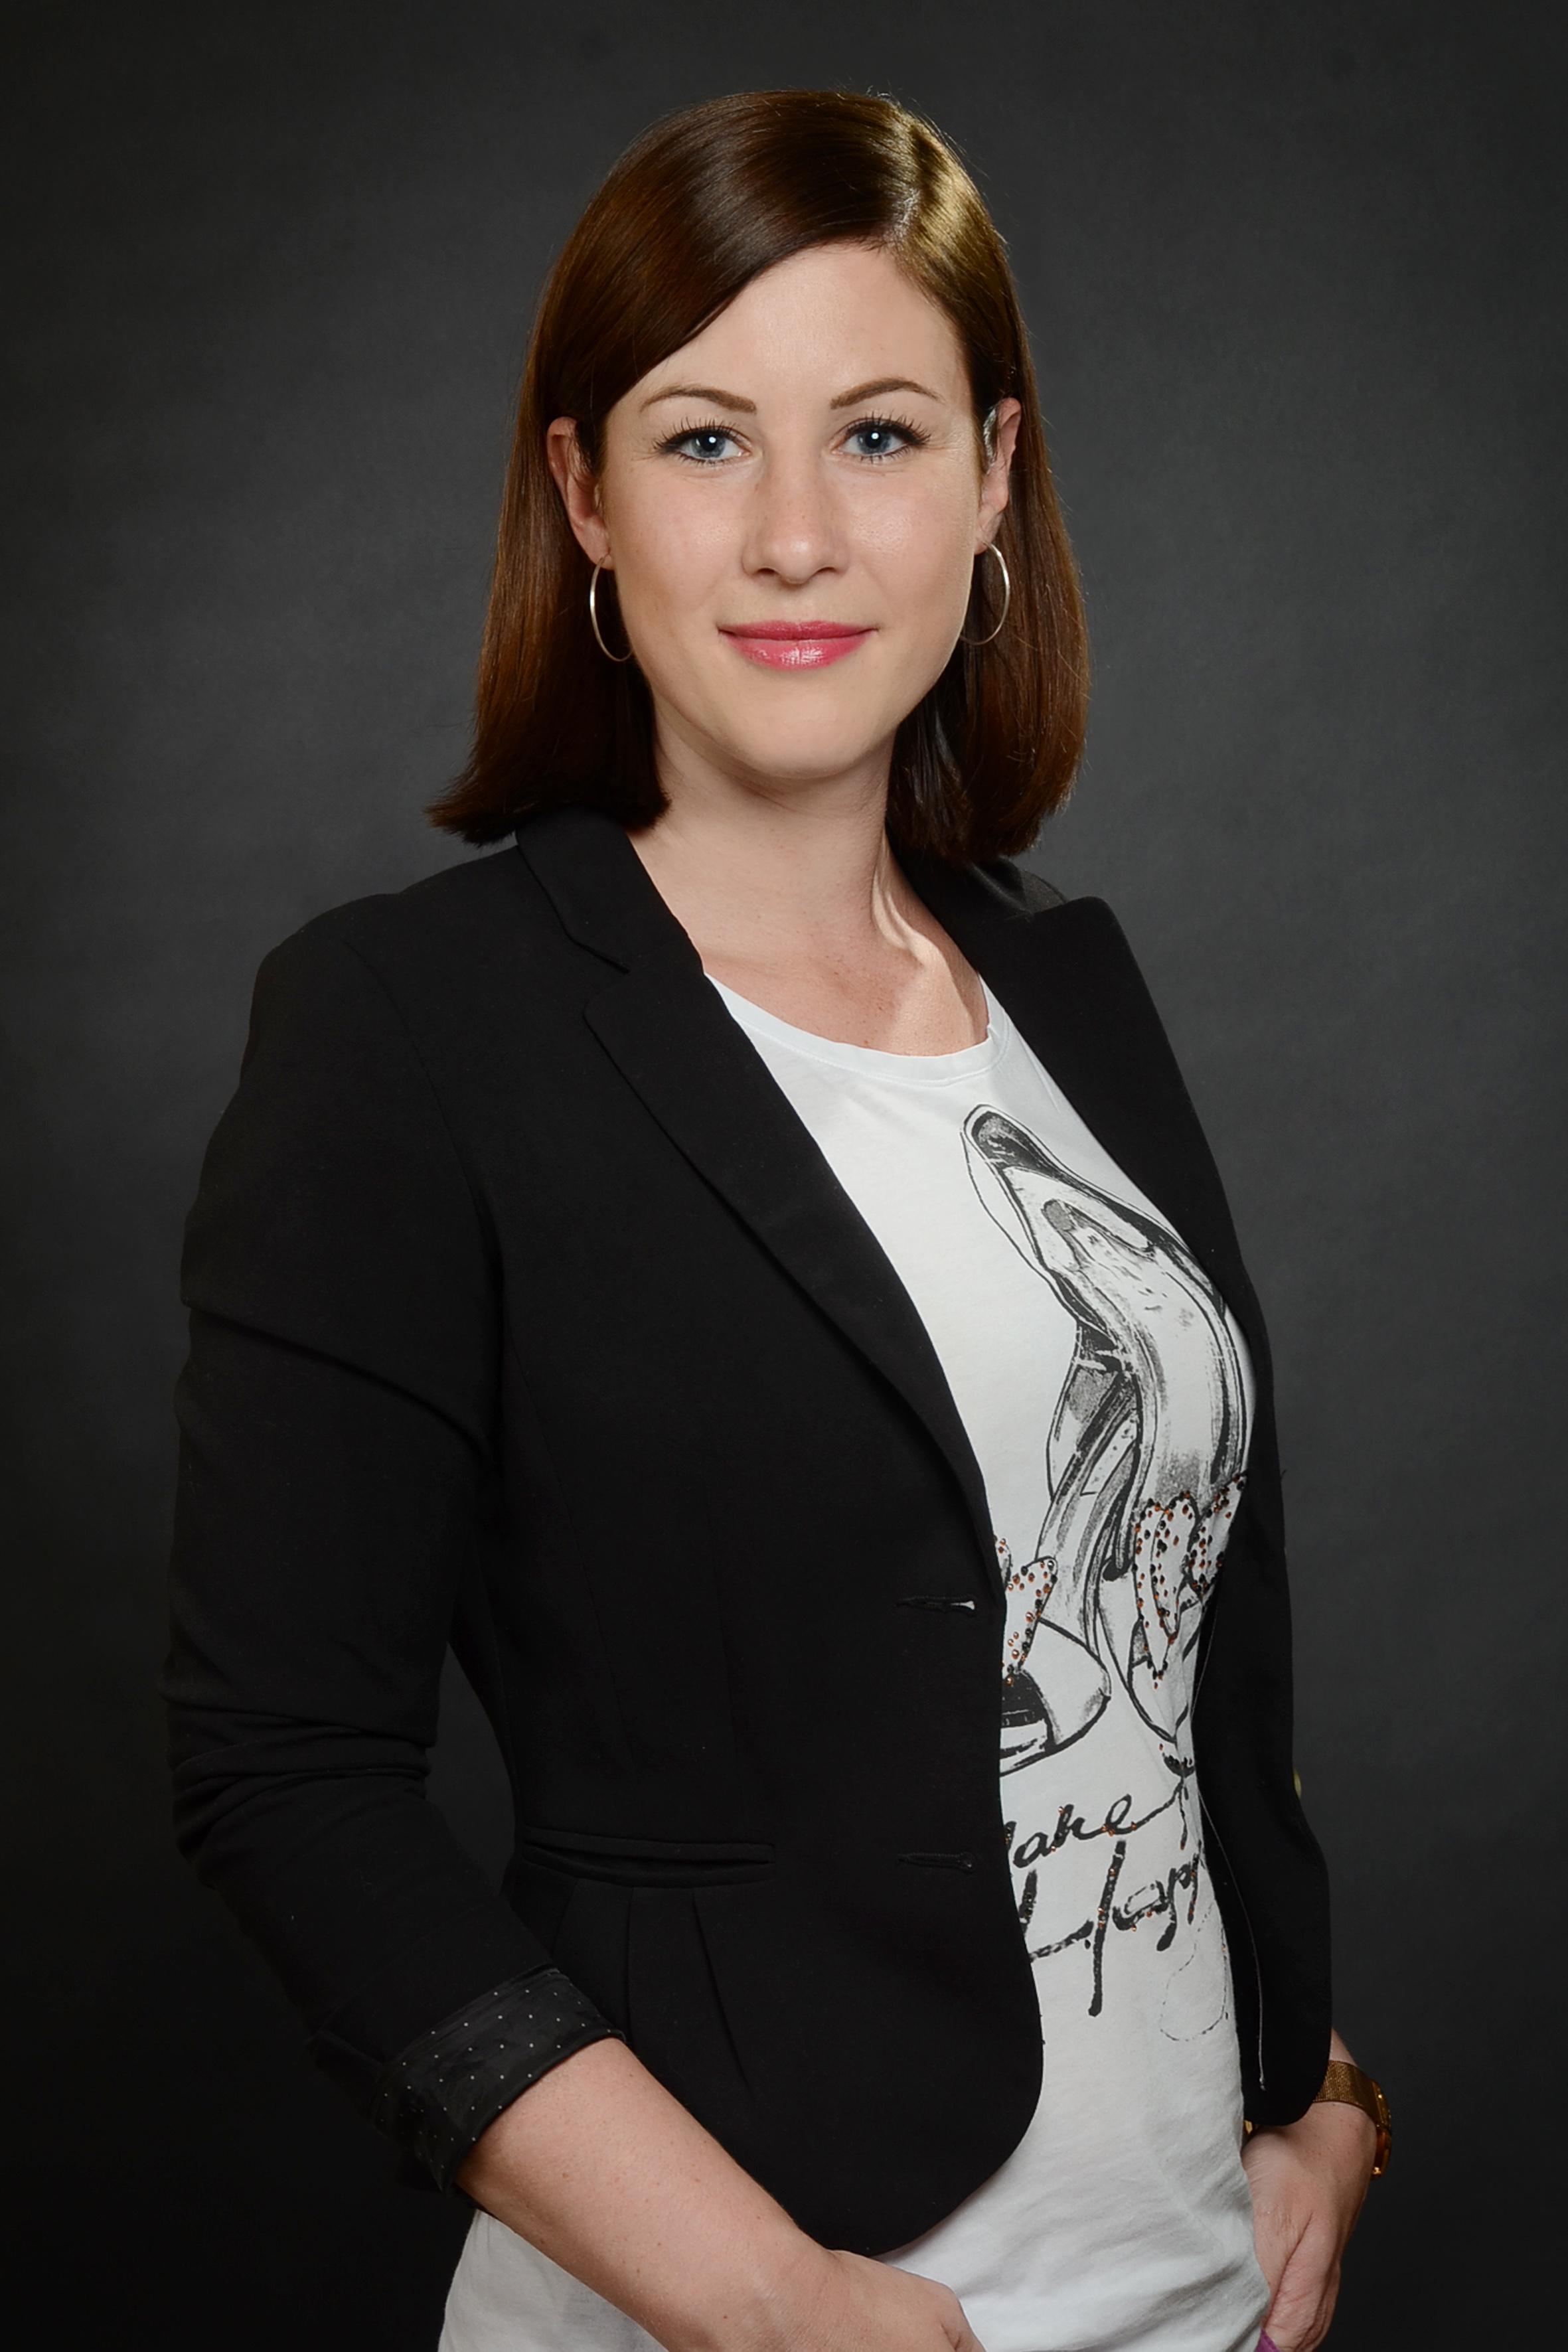 Janine Haid